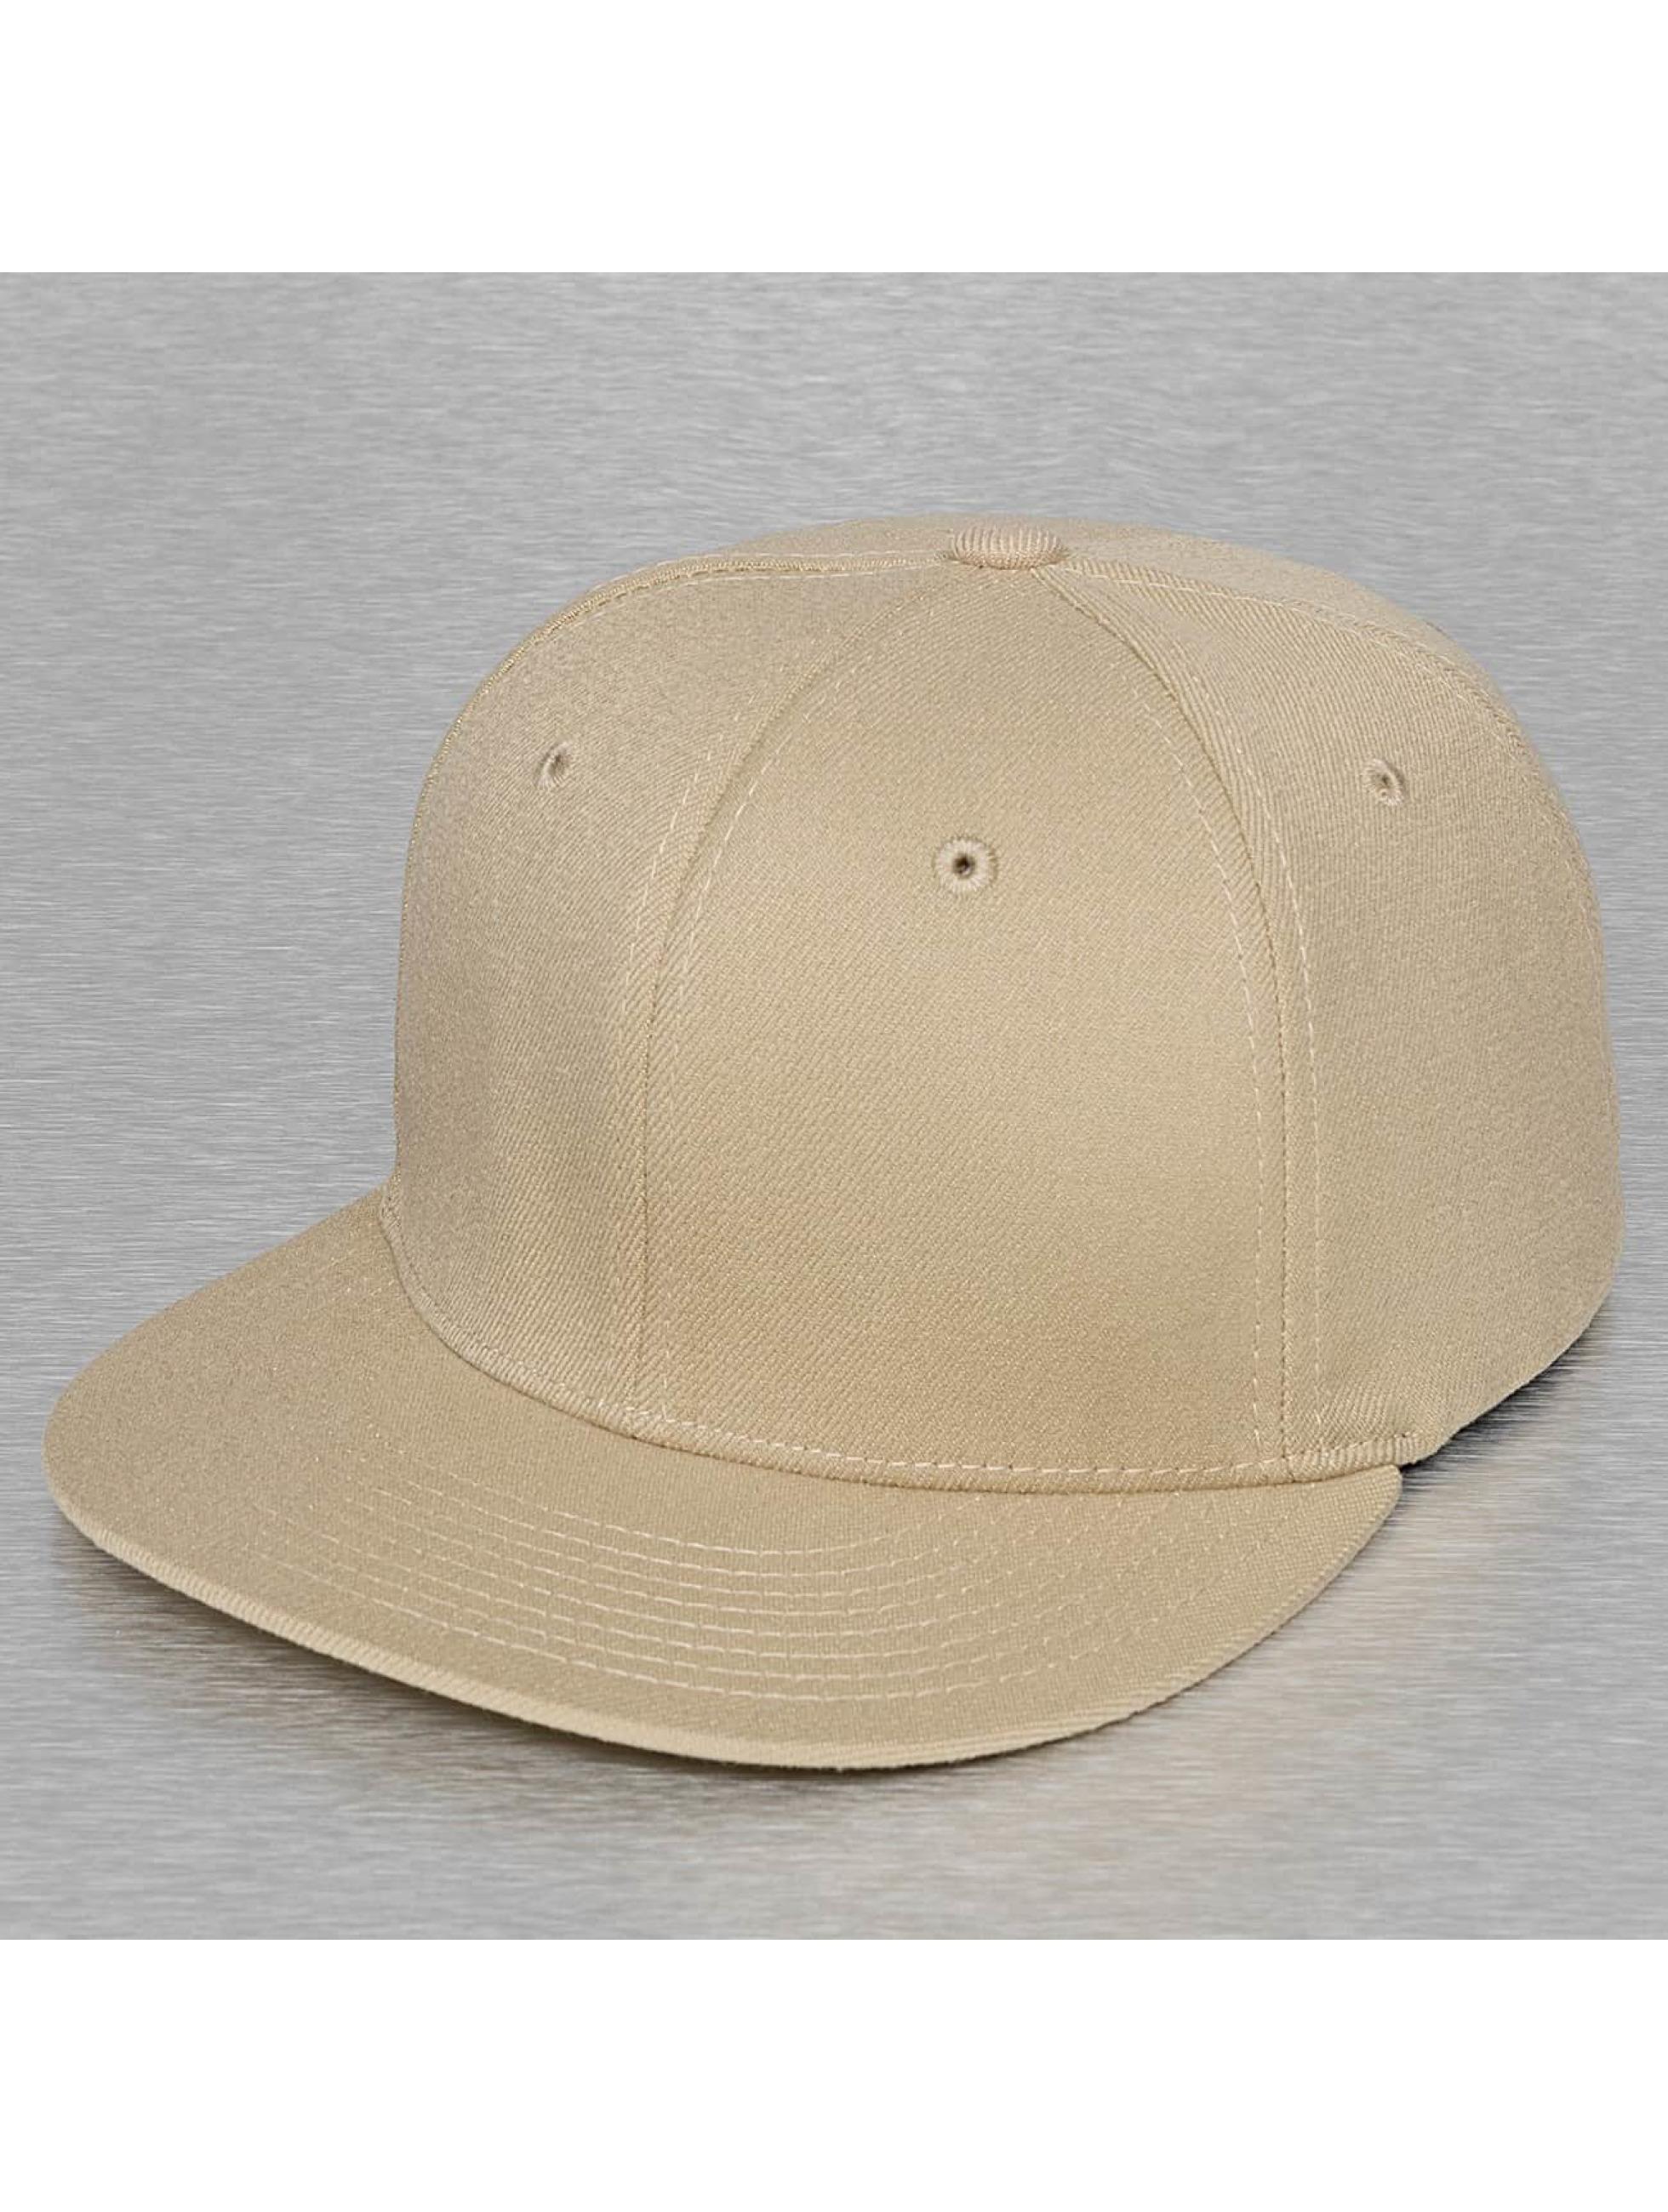 Decky USA Männer,Frauen Flexfitted Cap Flat Bill in khaki